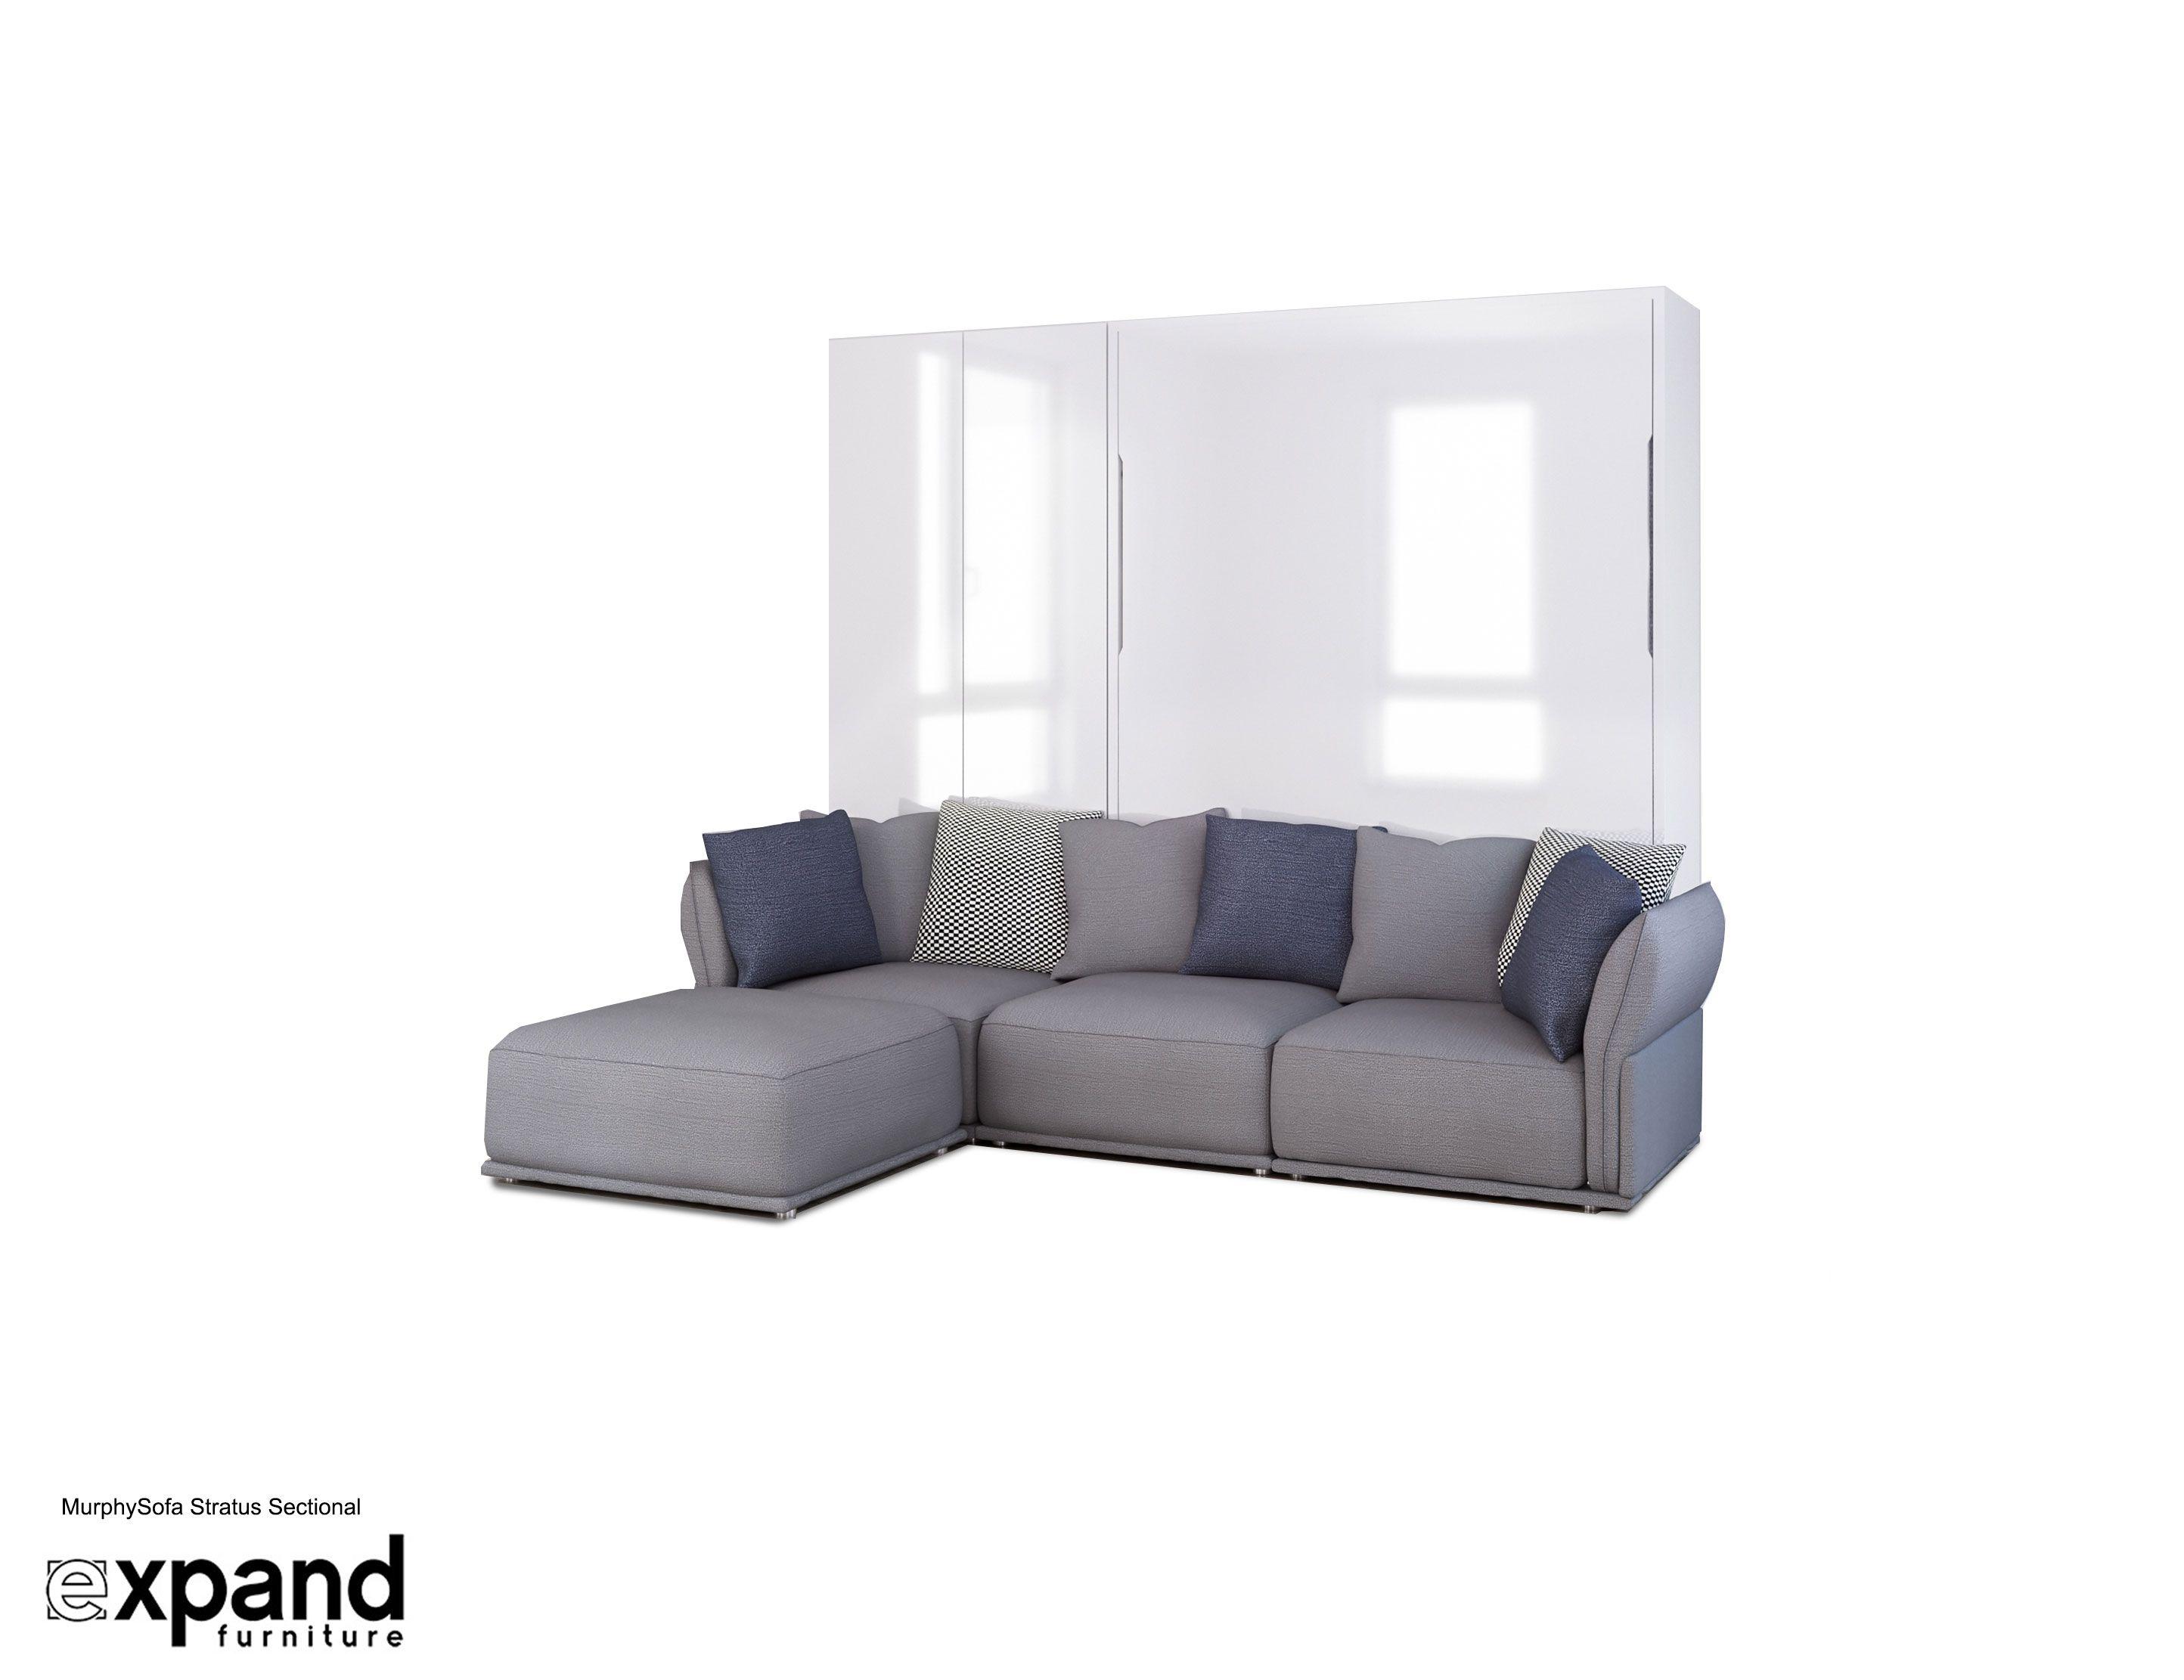 MurphySofa Stratus: Queen Sectional Sofa Set in 2019 | Hidden Beds ...